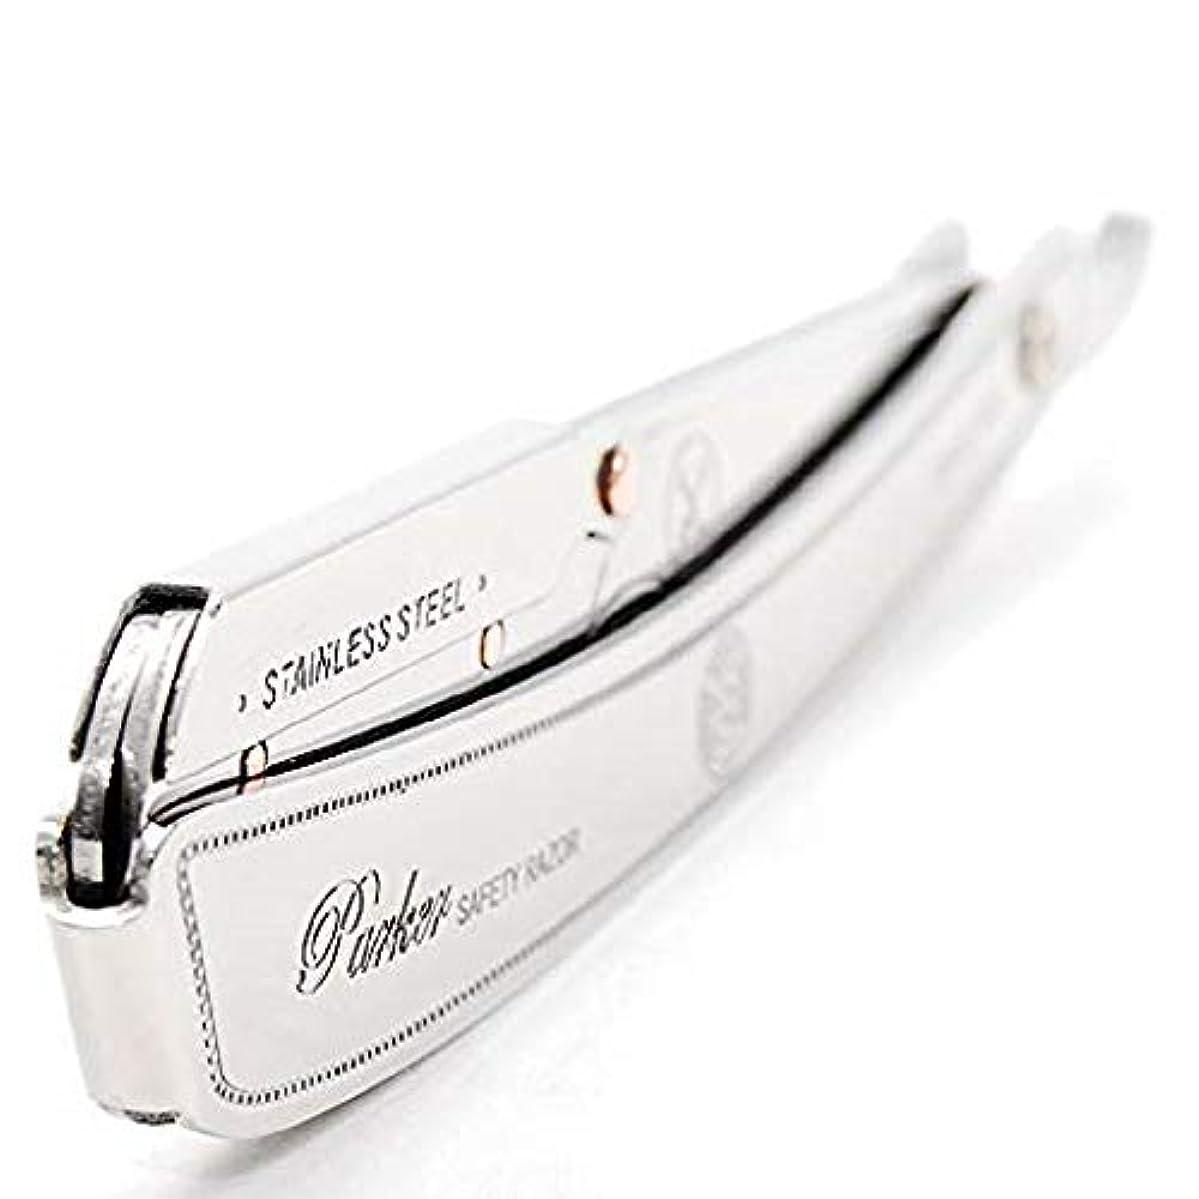 光沢のあるカビ運ぶパーカー(Parker) SRX 剃刀 プロ用 替刃100枚の2点セット [並行輸入品]